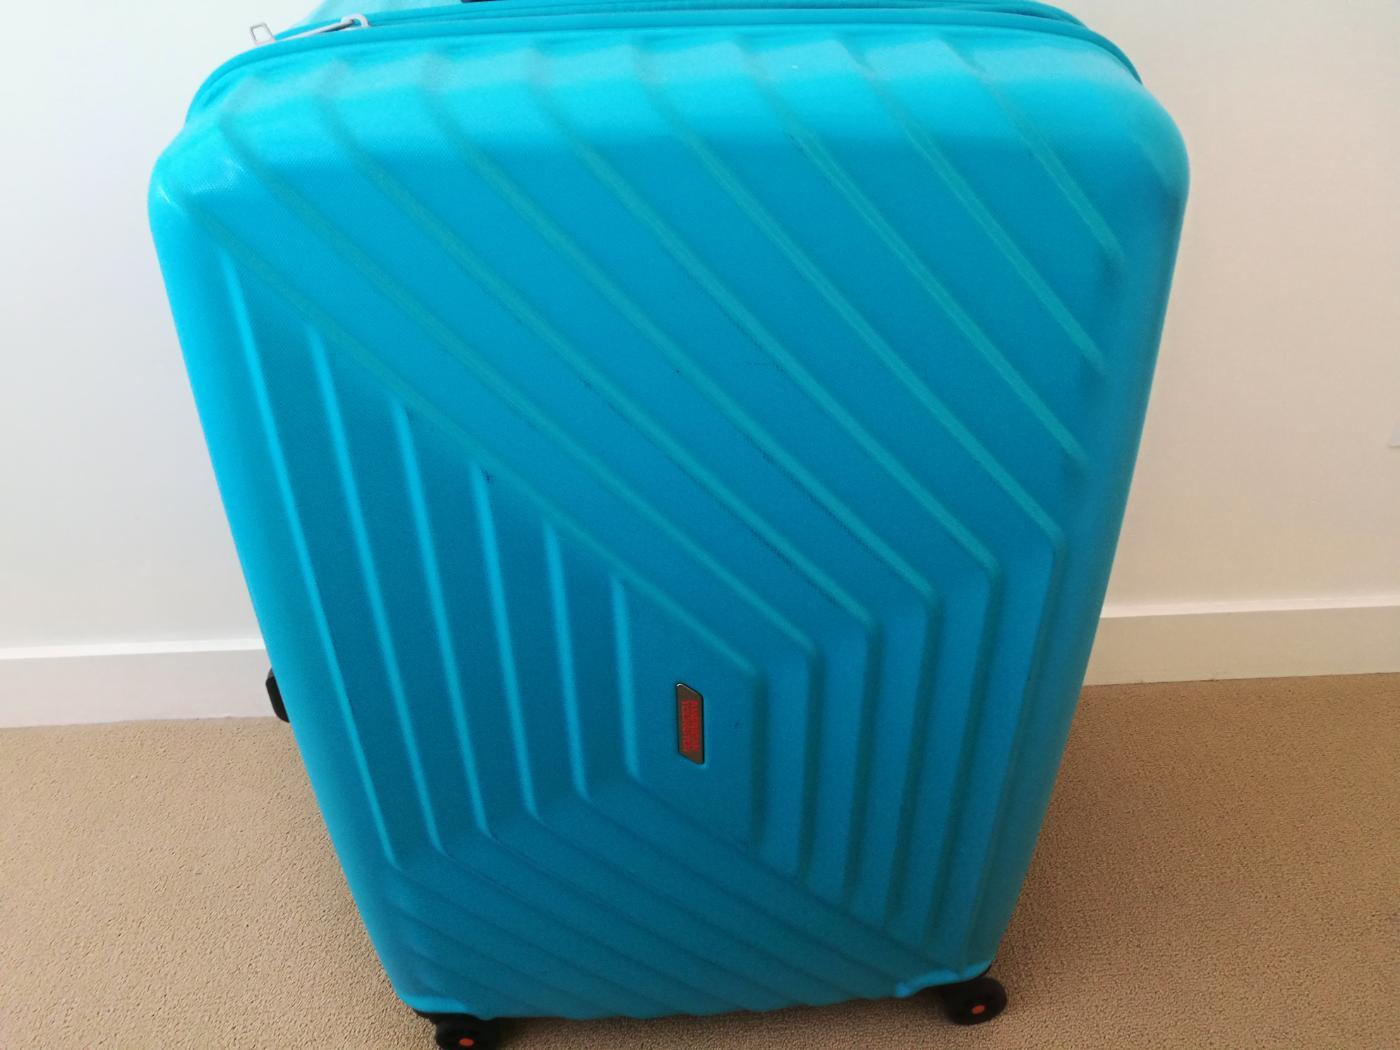 アメリカン・エクスプレスのスーツケース「エアフォースワン」水色96.5L76cm